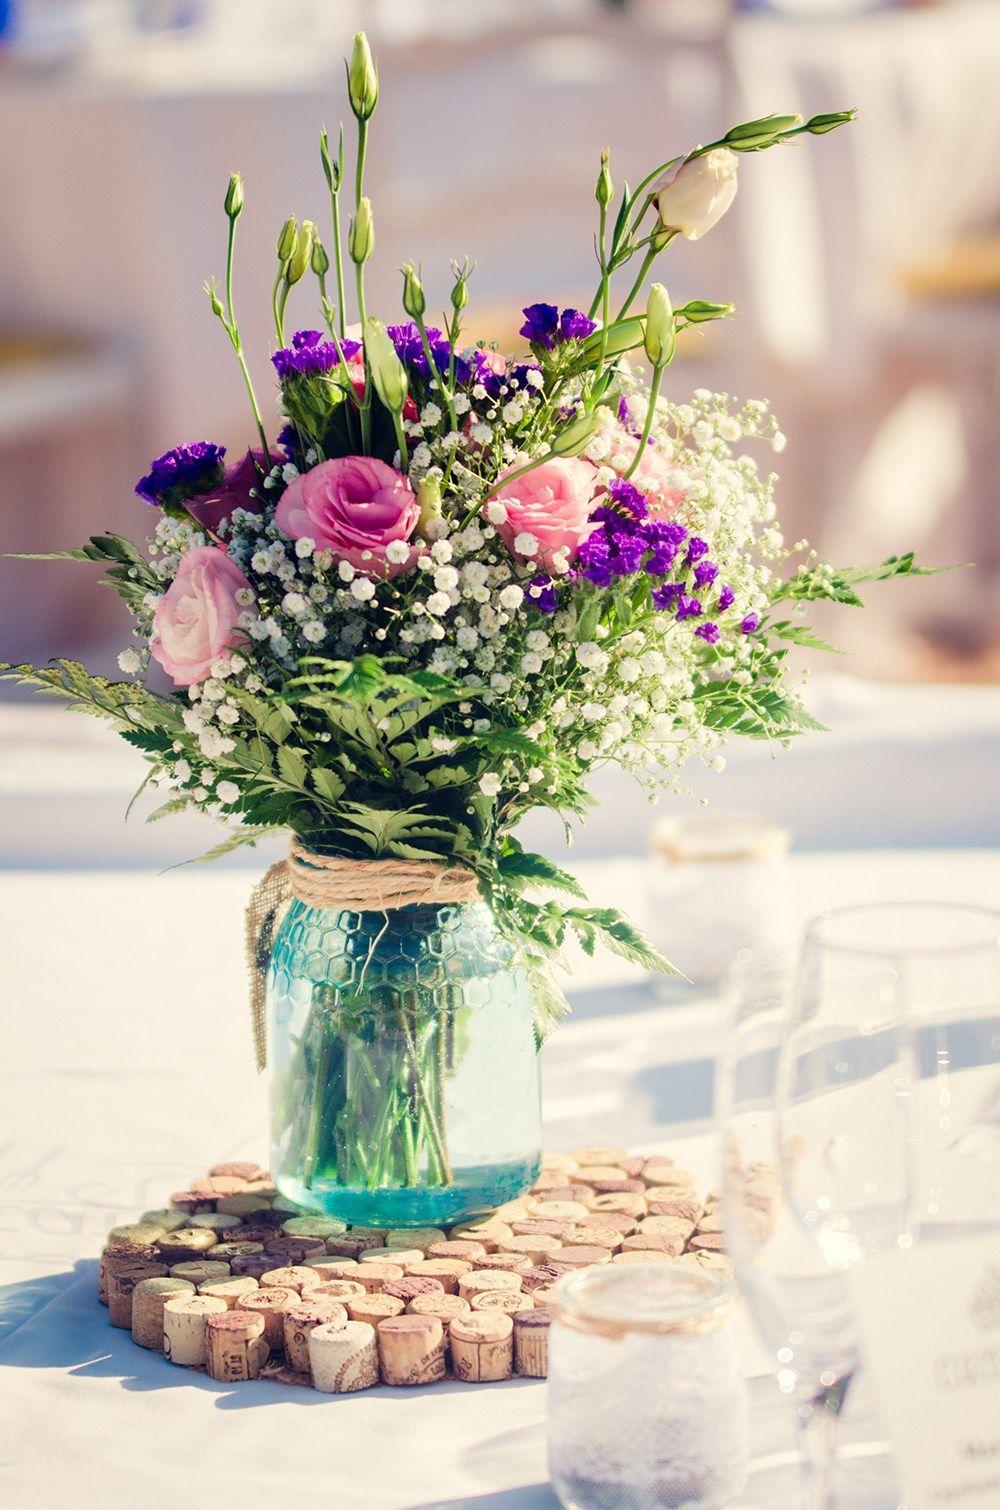 Wedding decoration ideas colors  Tutorial botes de Cristal Azul Blue Mason Jars Como pintar botes